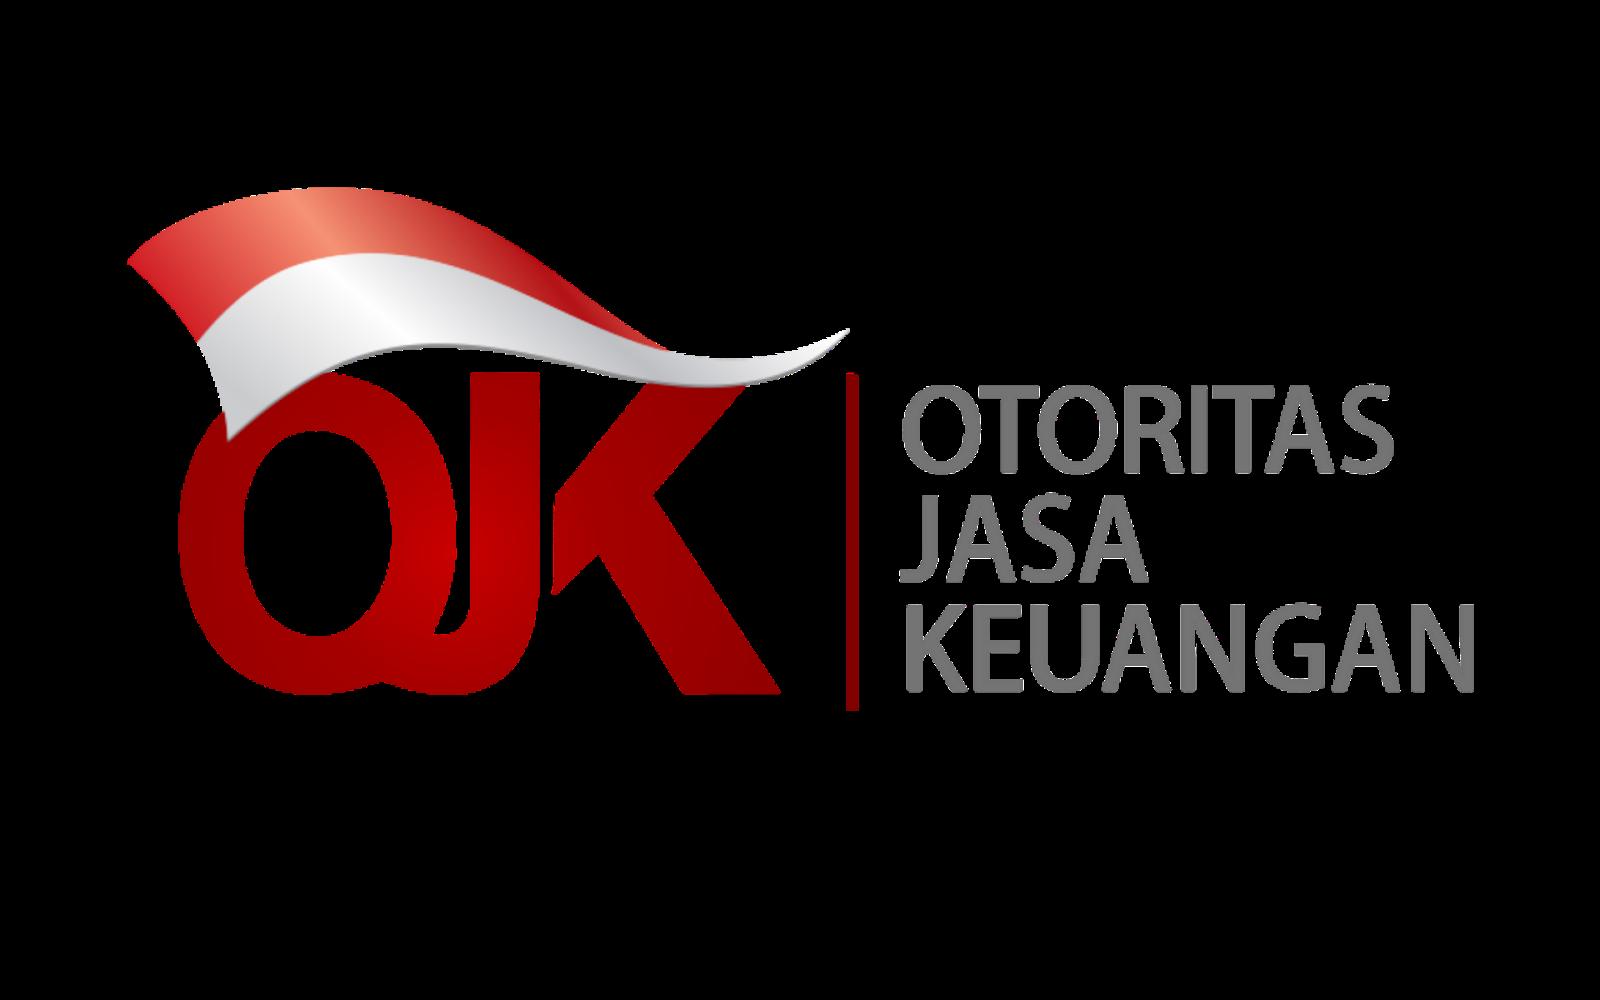 Logo OJK Otoritas Jasa Keuangan Format PNG